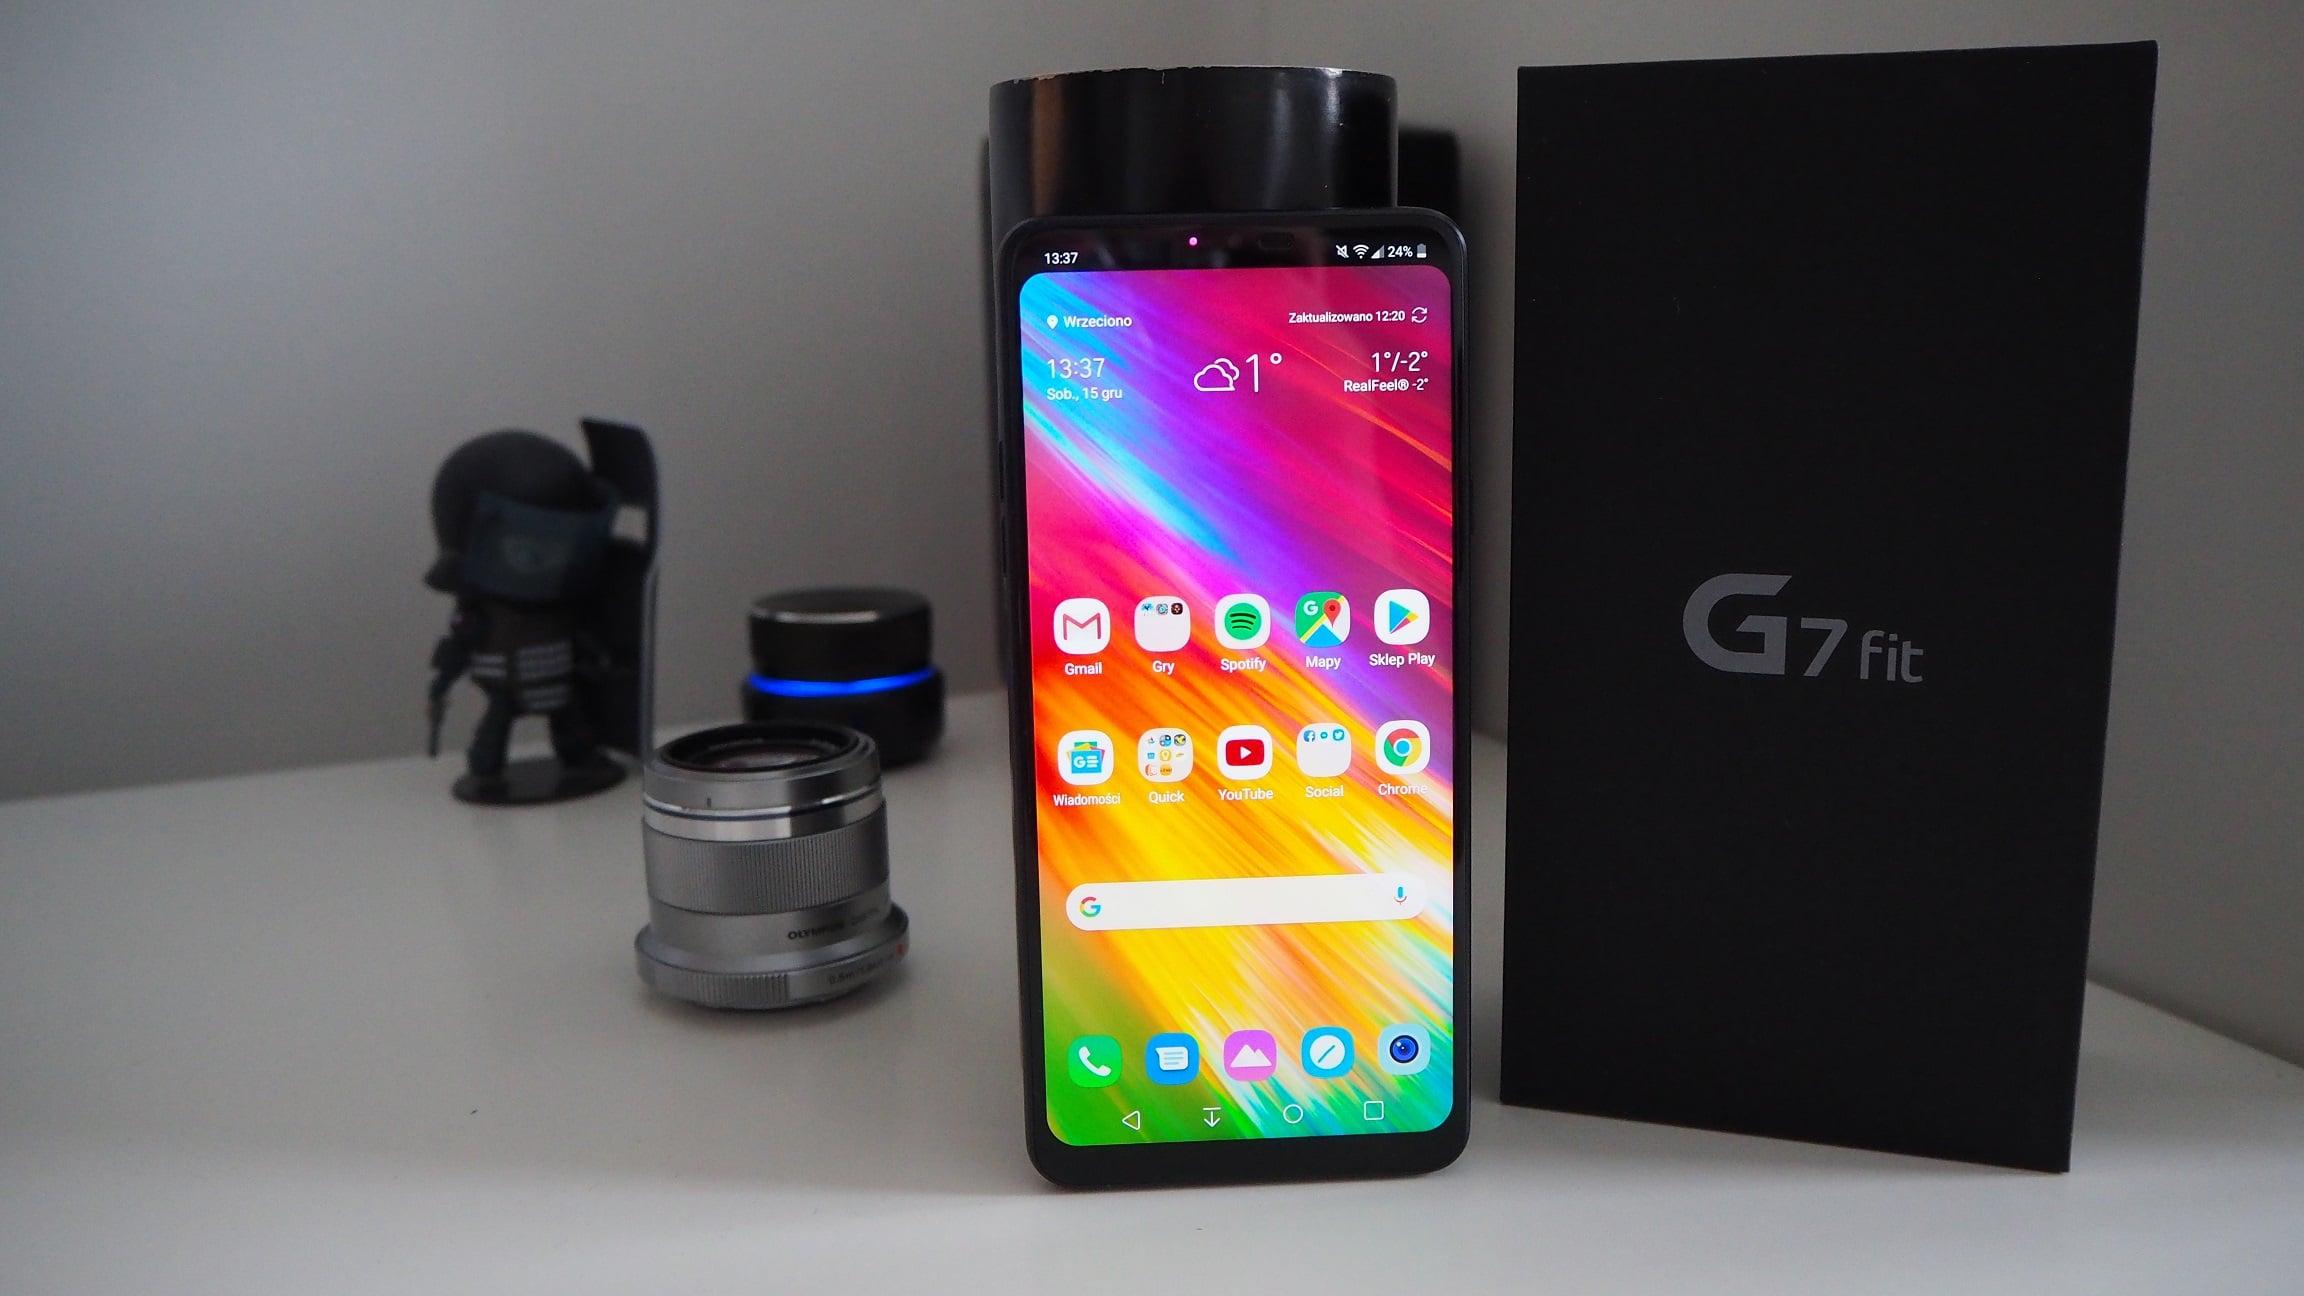 Recenzja LG G7 fit - czy to średniak, który tylko udaje, że ma coś wspólnego z flagowcem? 20